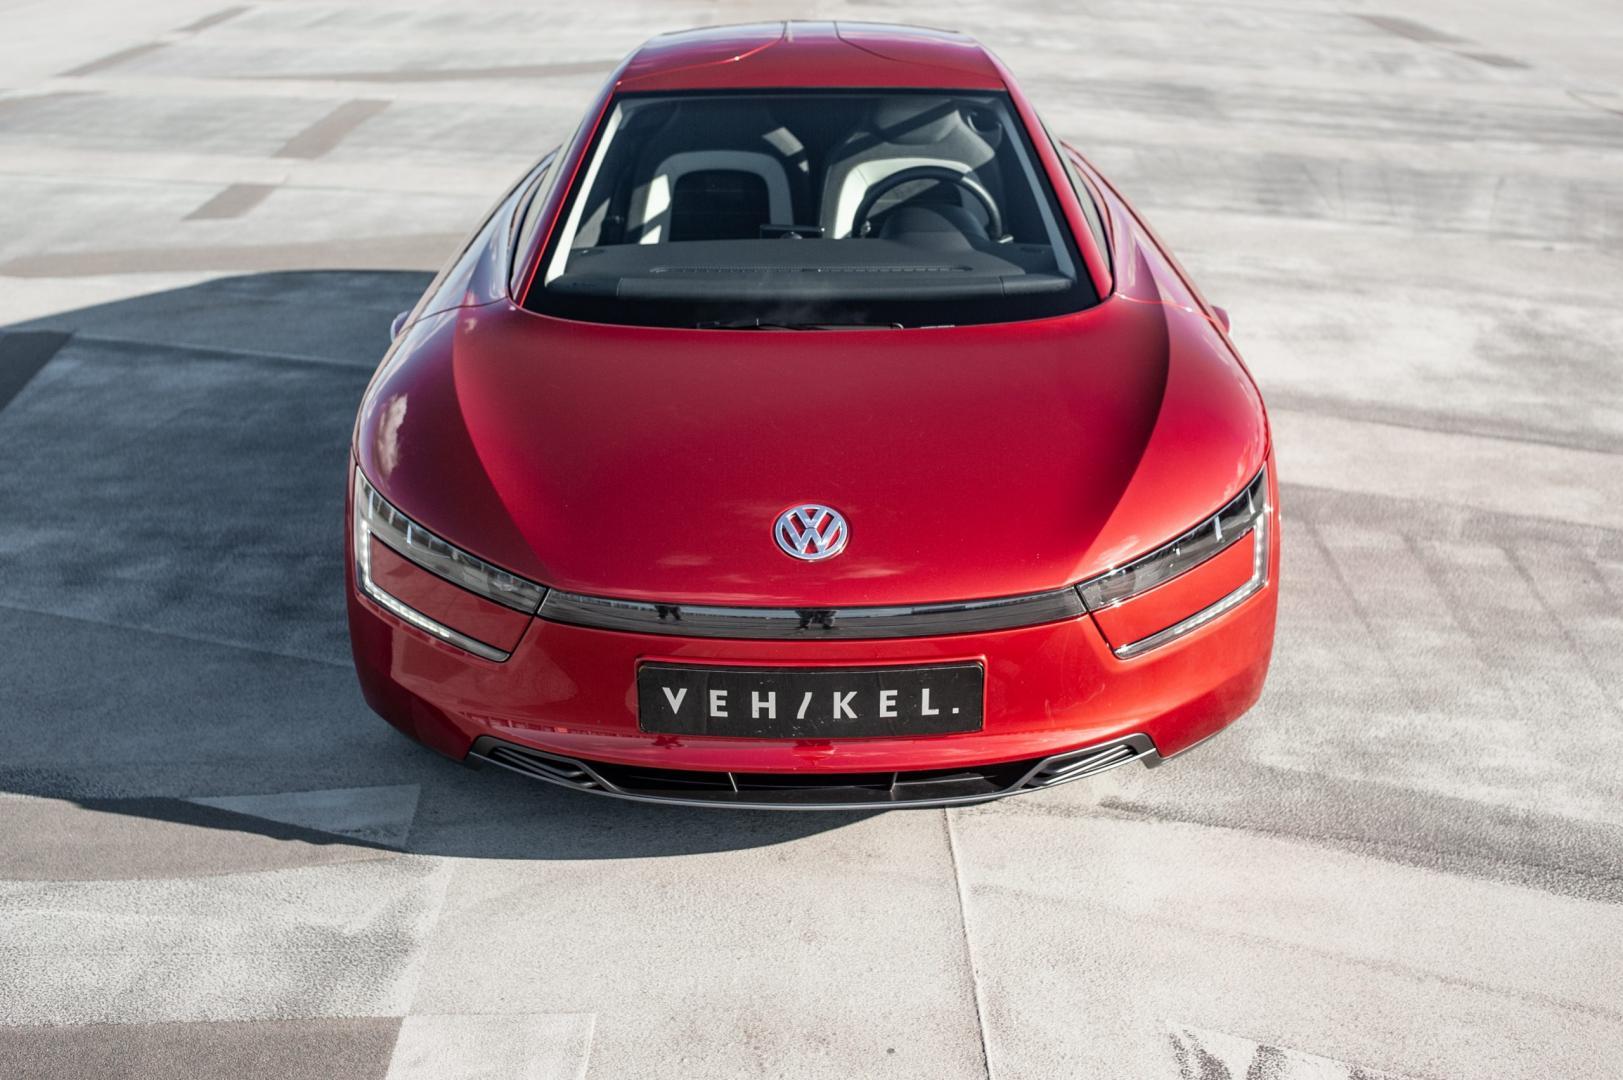 Voorkant Volkswagen XL1 te koop